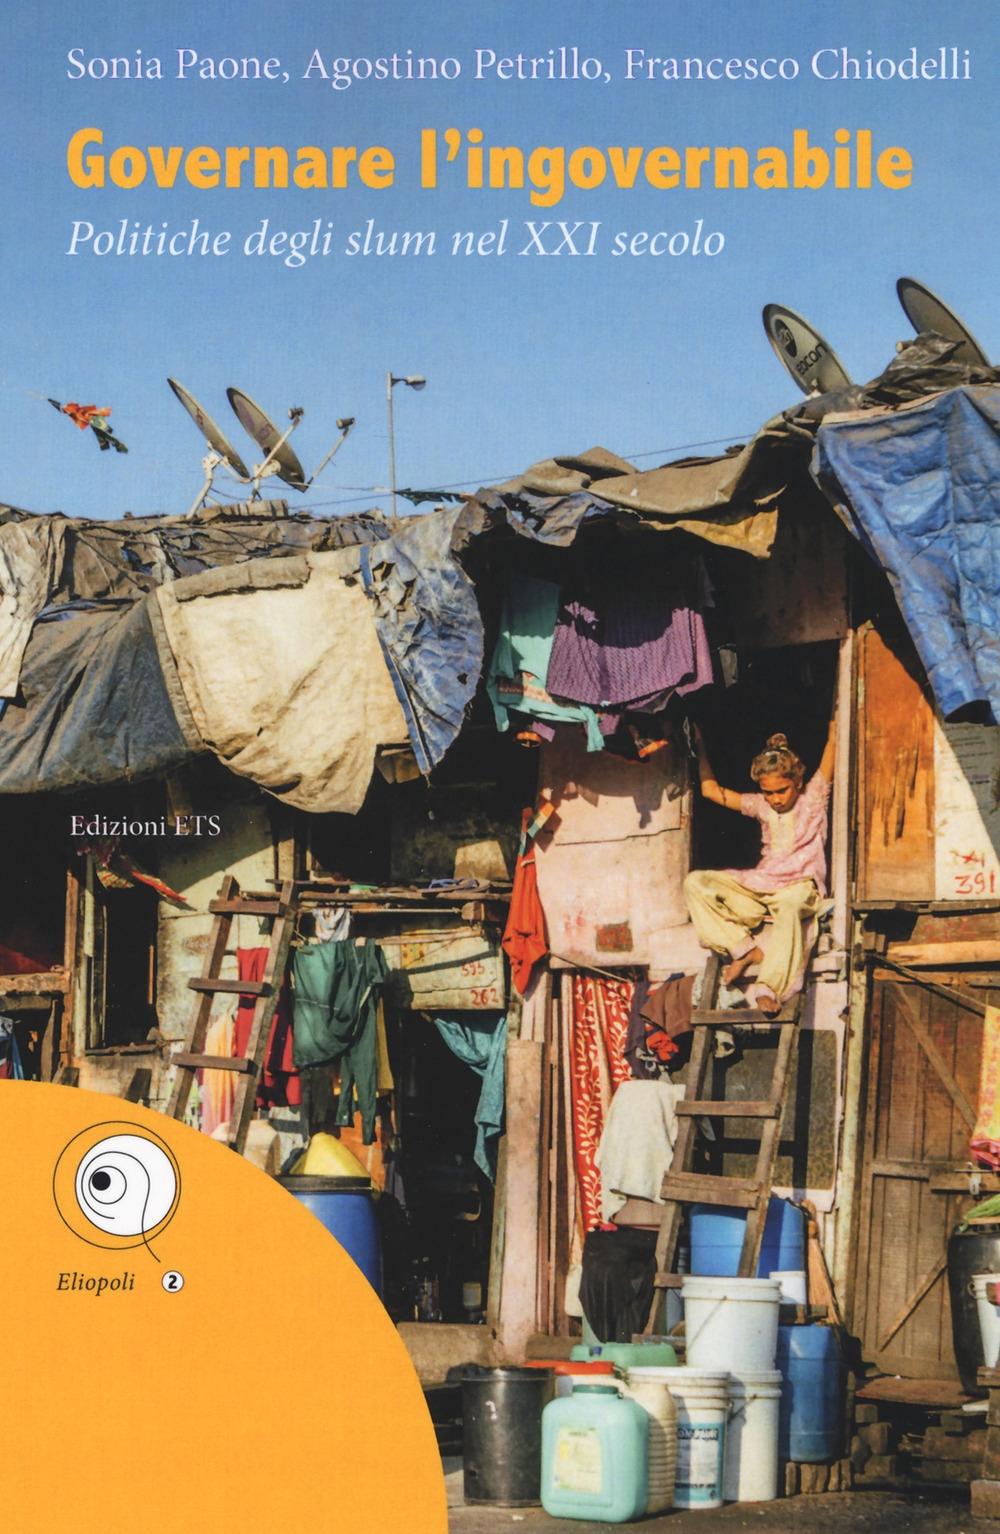 Governare l'ingovernabile. Politiche degli slum nel XXI secolo